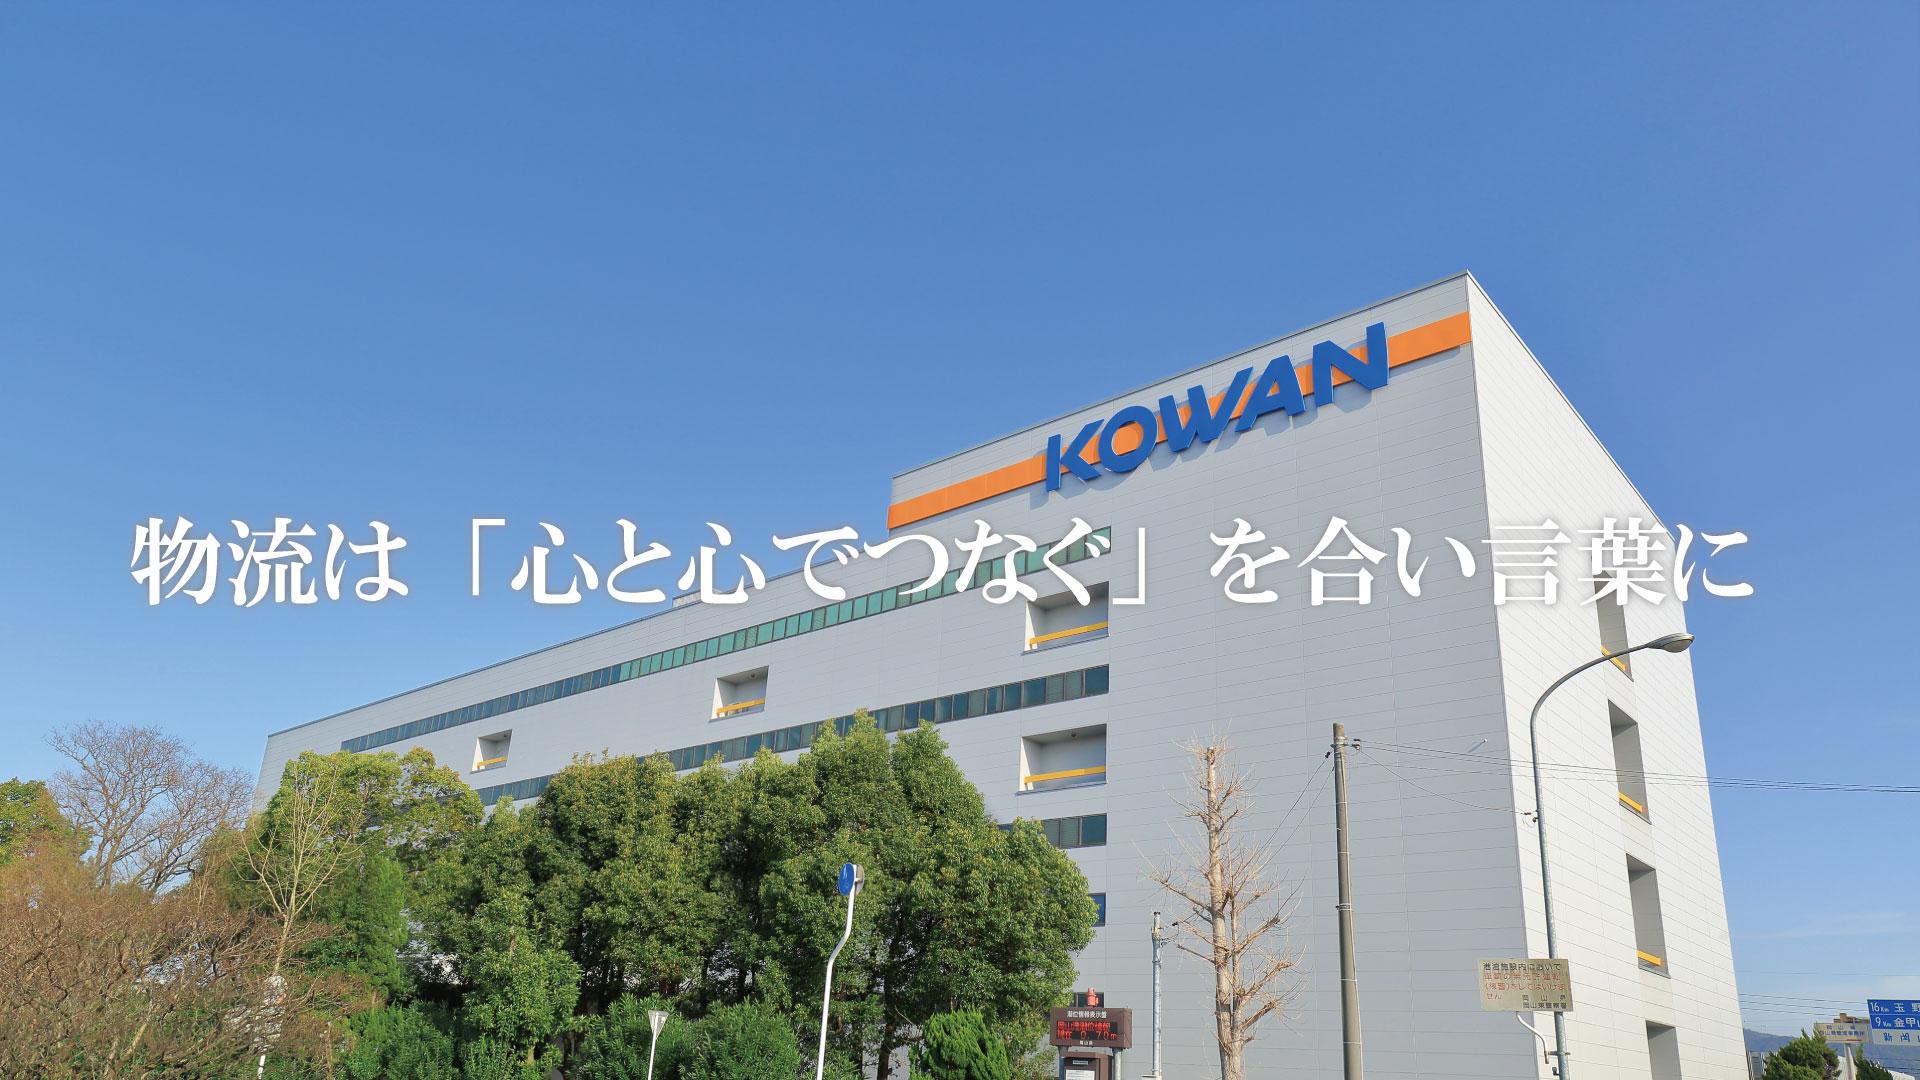 コーワン 株式会社 リクルート トップ 画像01